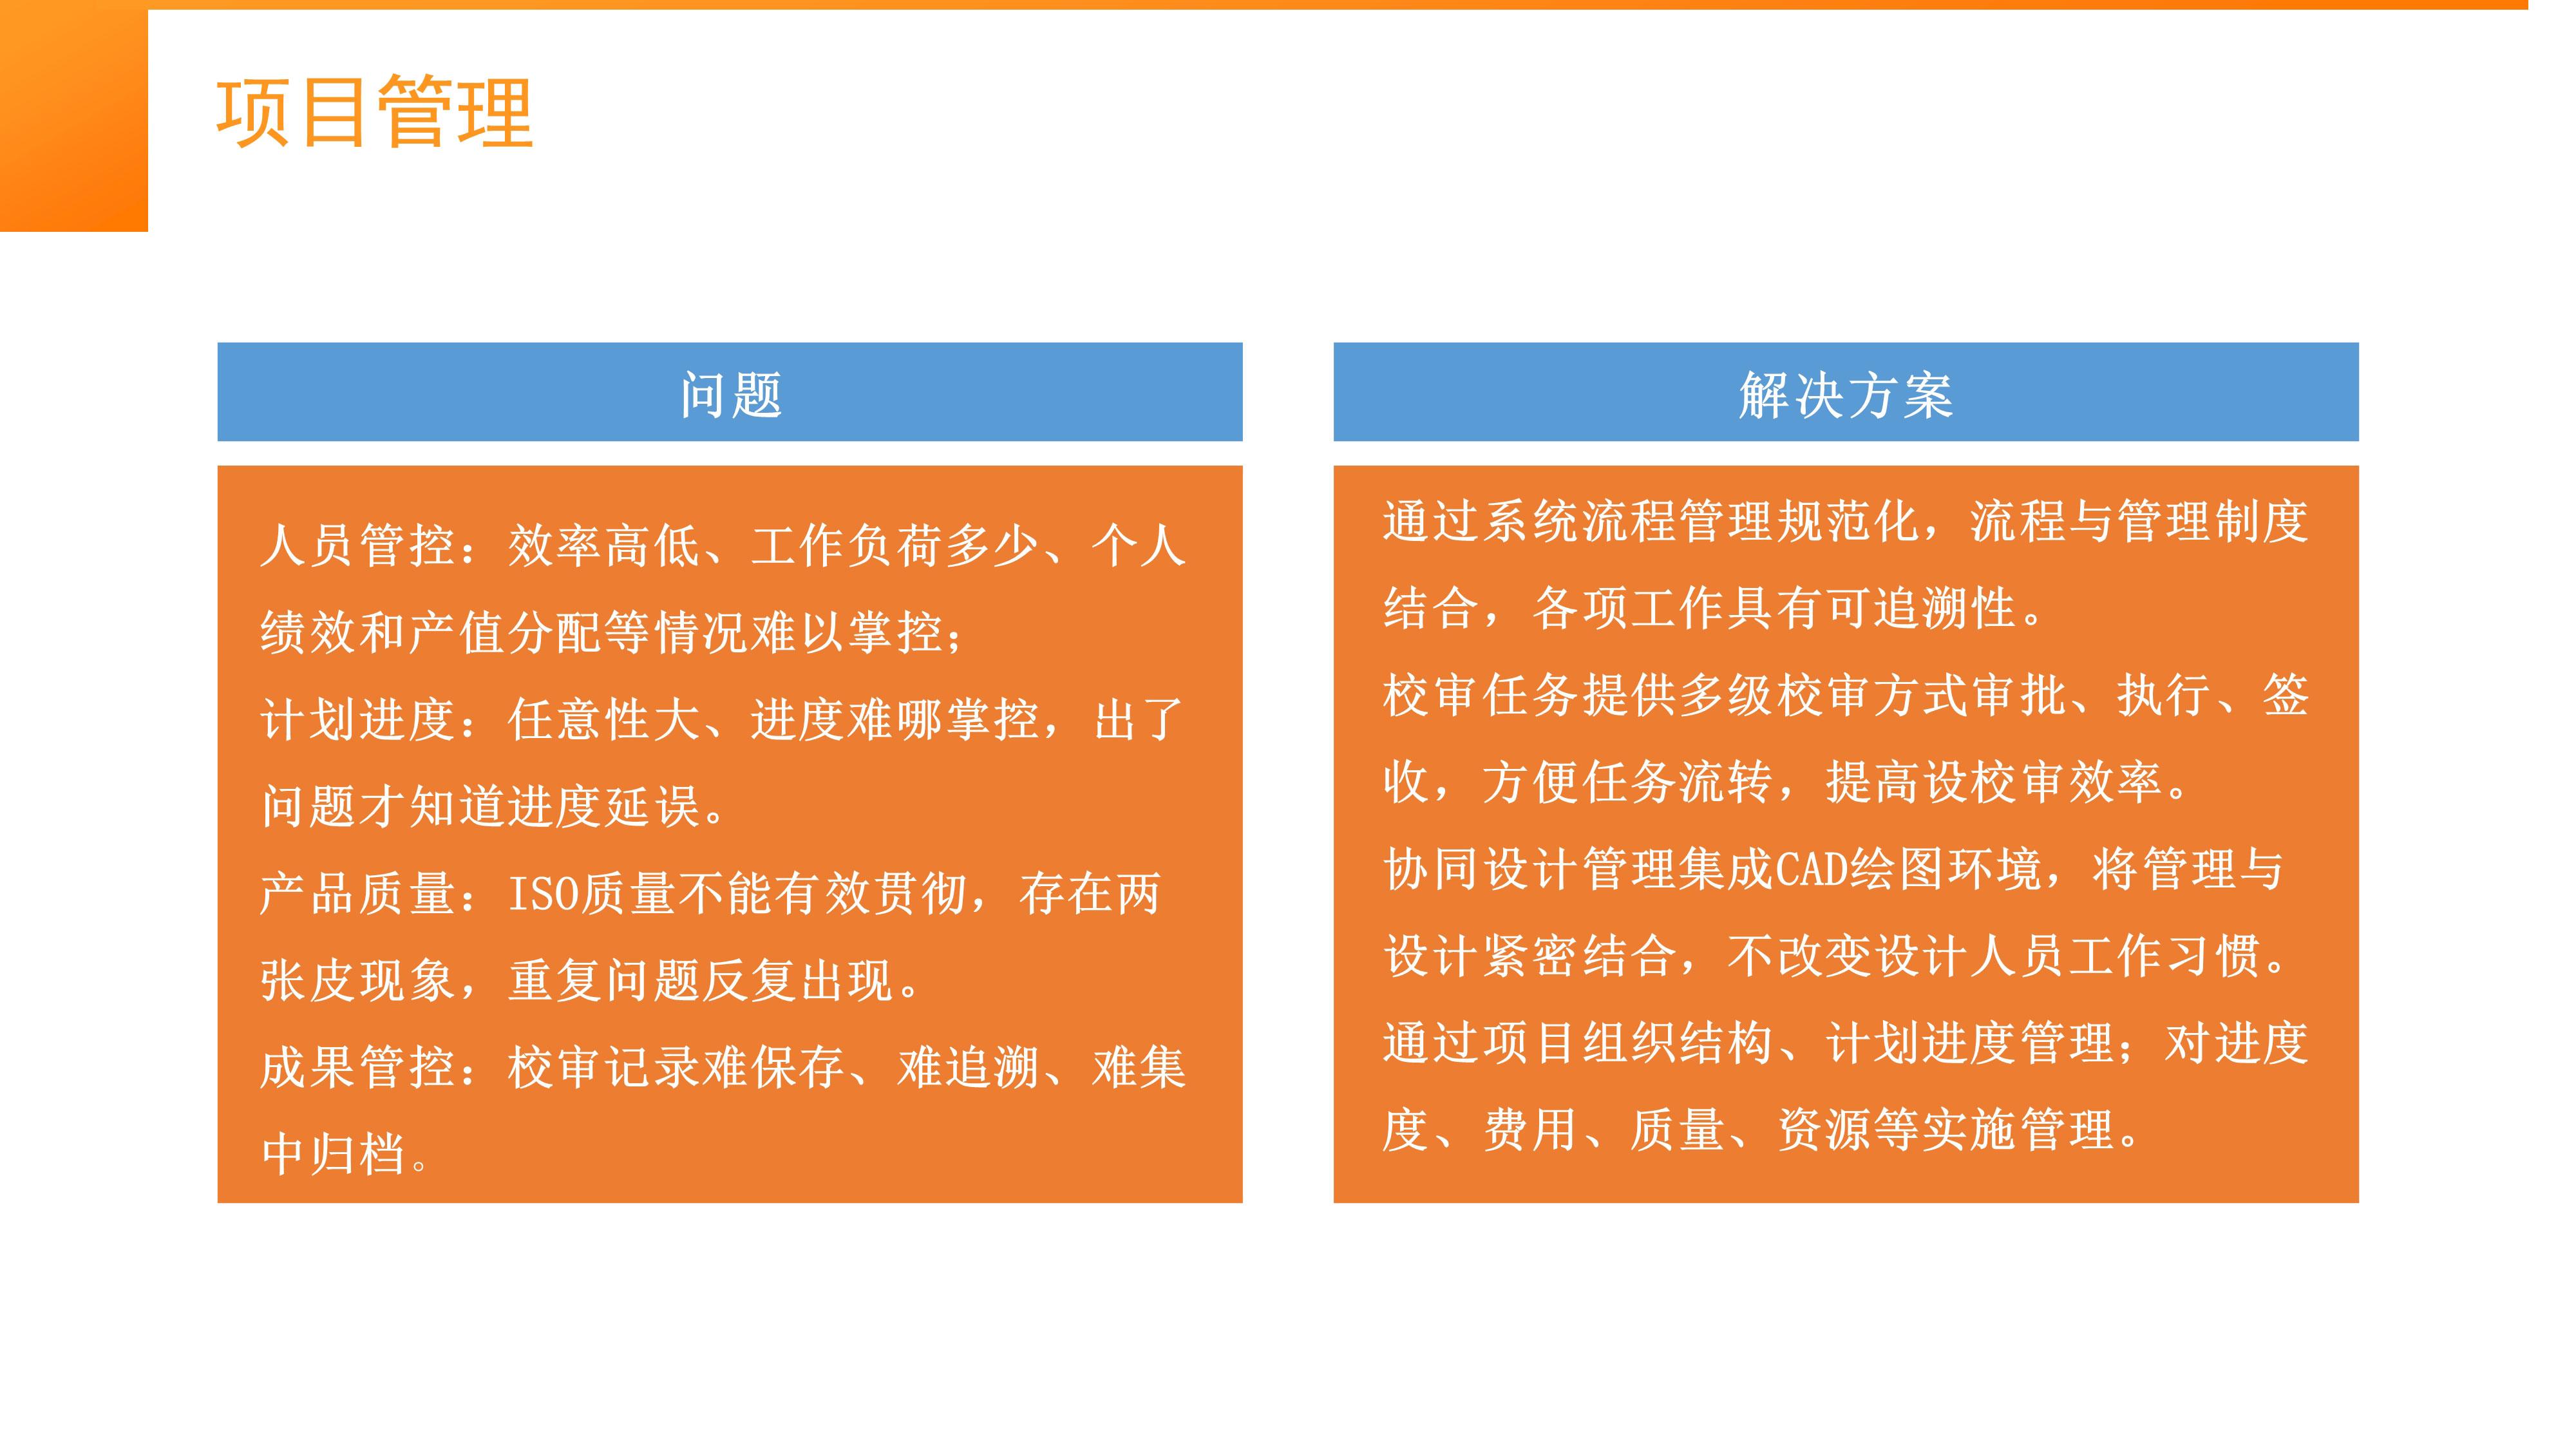 013011343503_0信天使综合信息管理系统旗舰版_8.jpg